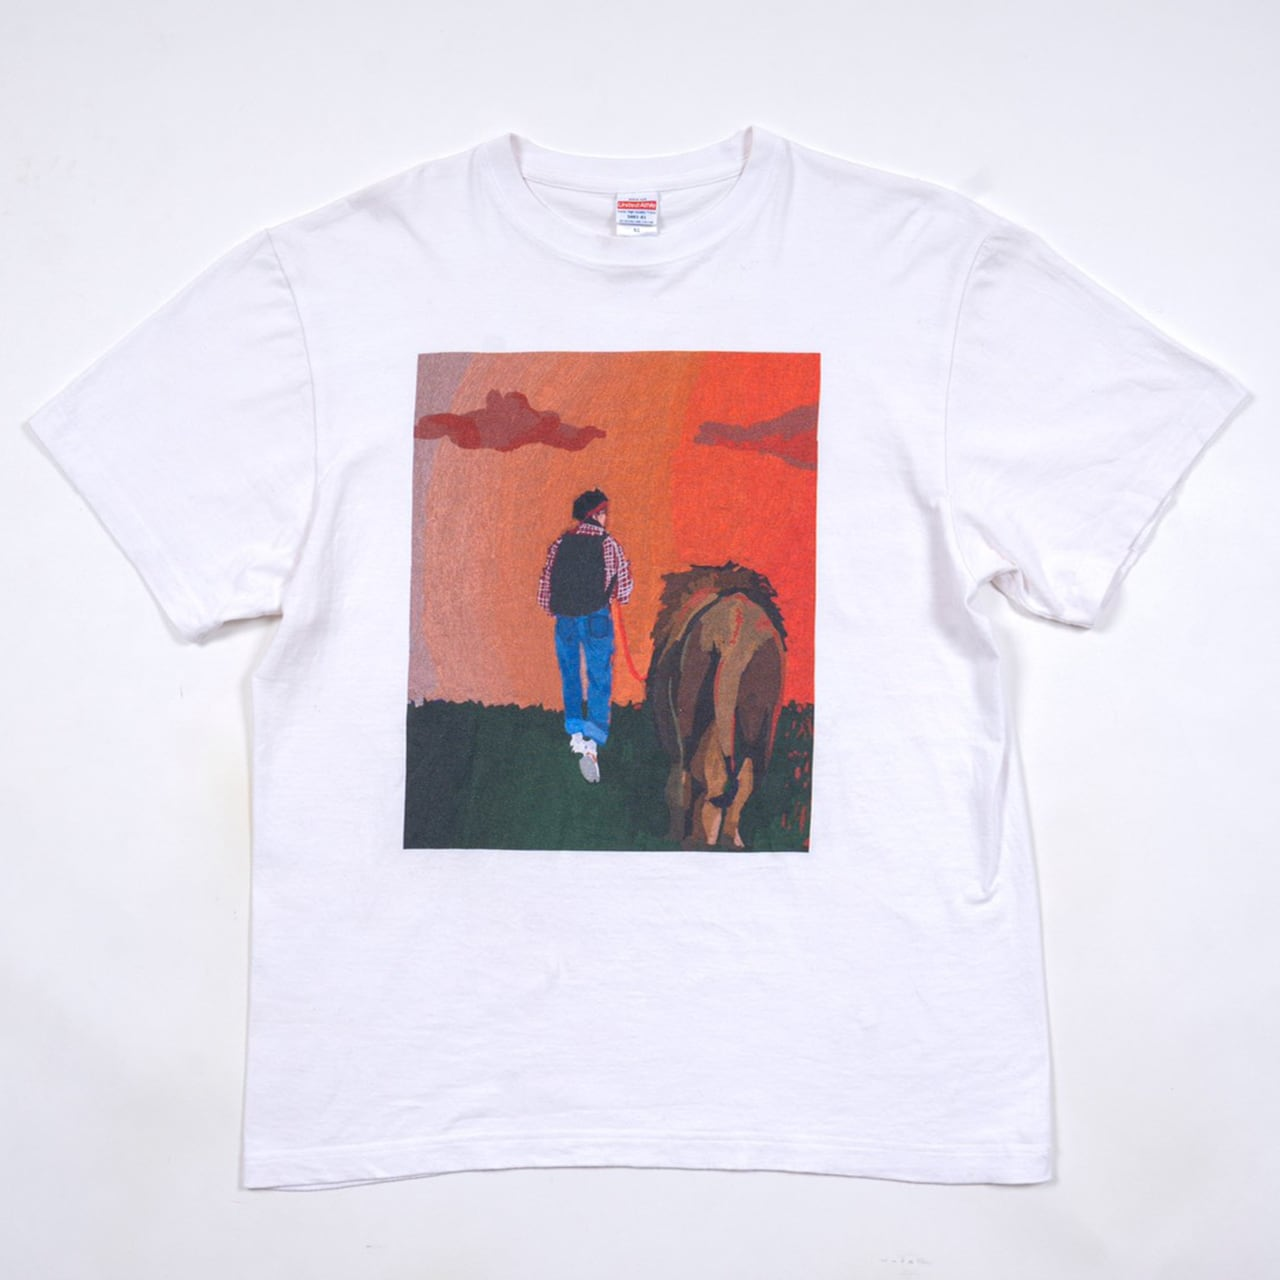 最強のオタクTシャツ.TS05 White